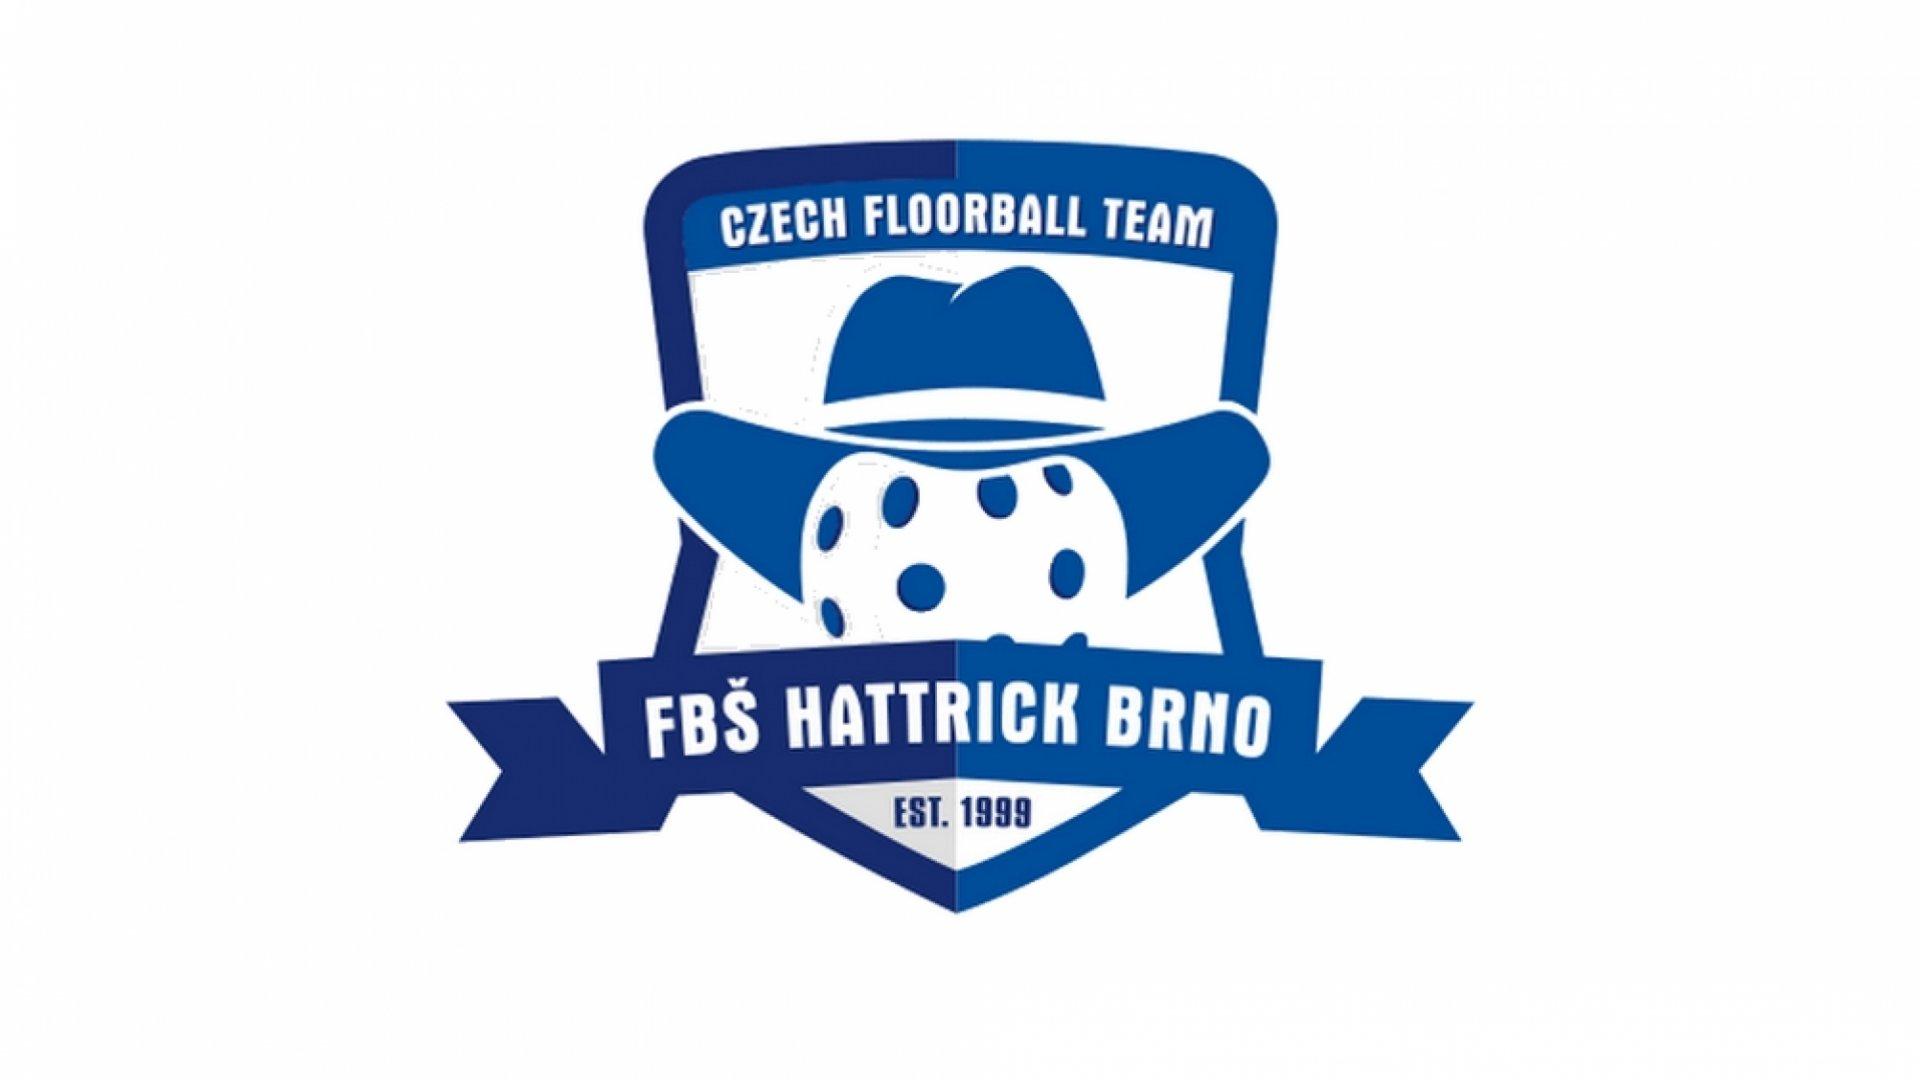 Hattrick začíná od 11. 5. opět trénovat!